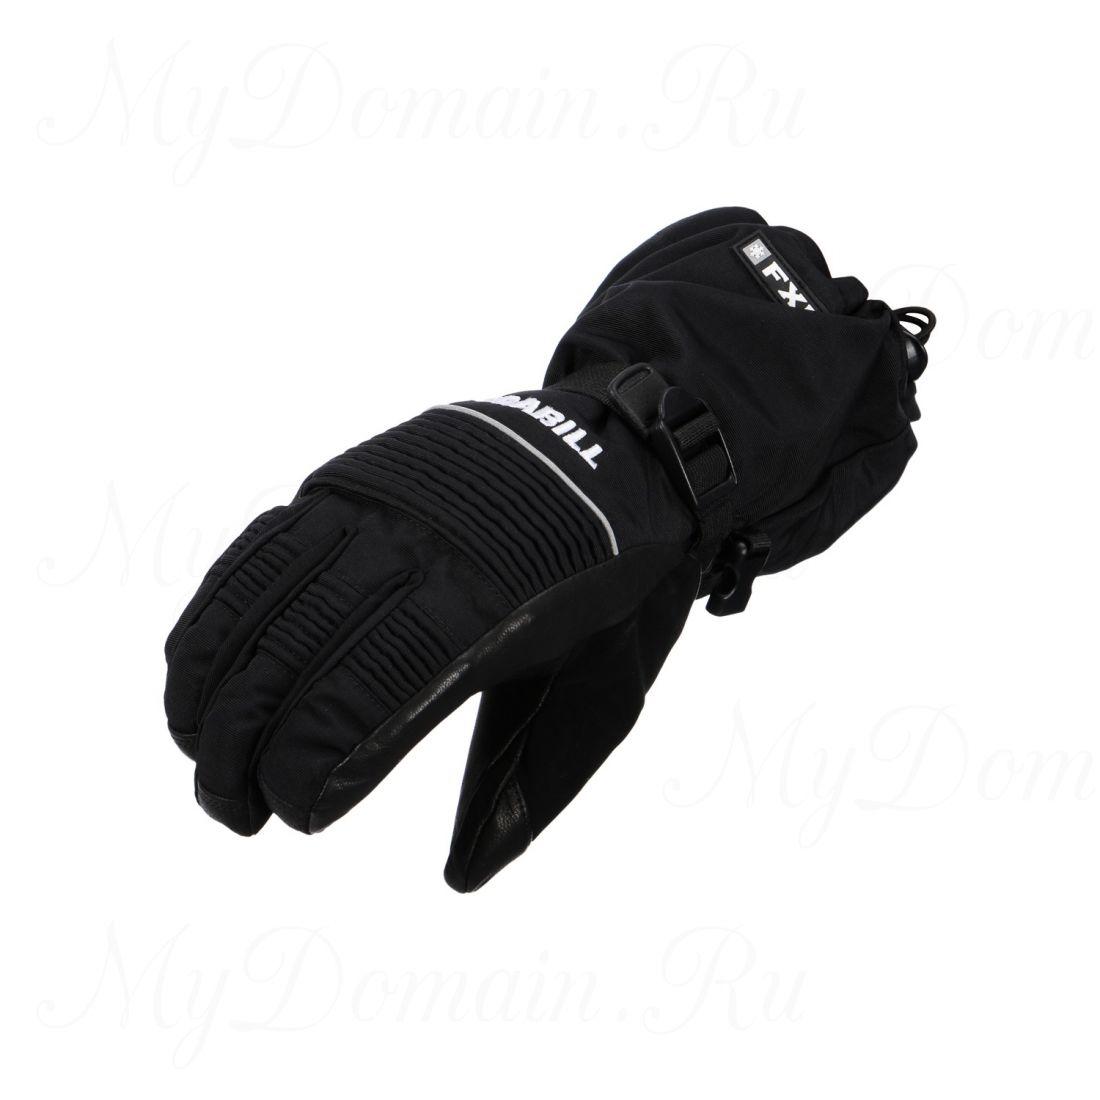 Перчатки Frabill FXE™ Gauntlet GLOVE водо/ветрозащитные дышащие кожа черные размер 2XL